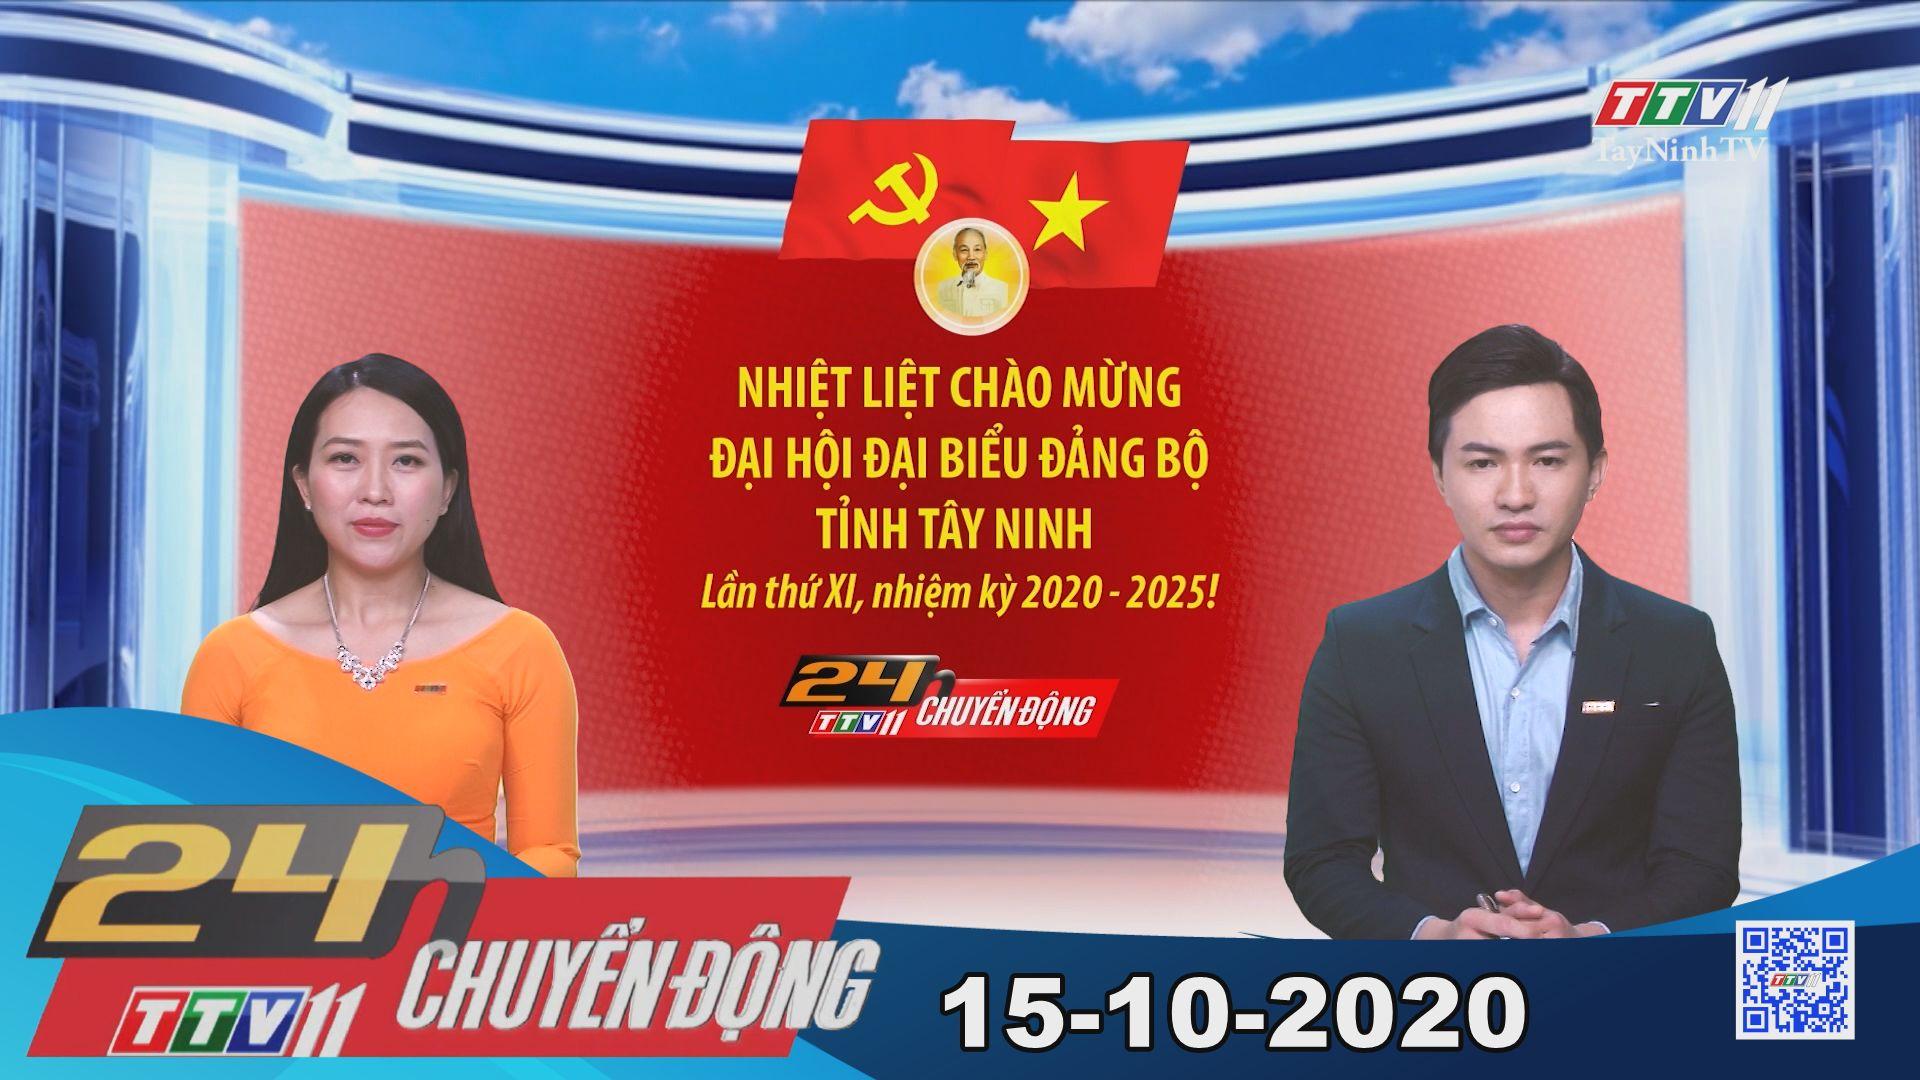 24h Chuyển động 15-10-2020 | Tin tức hôm nay | TayNinhTV